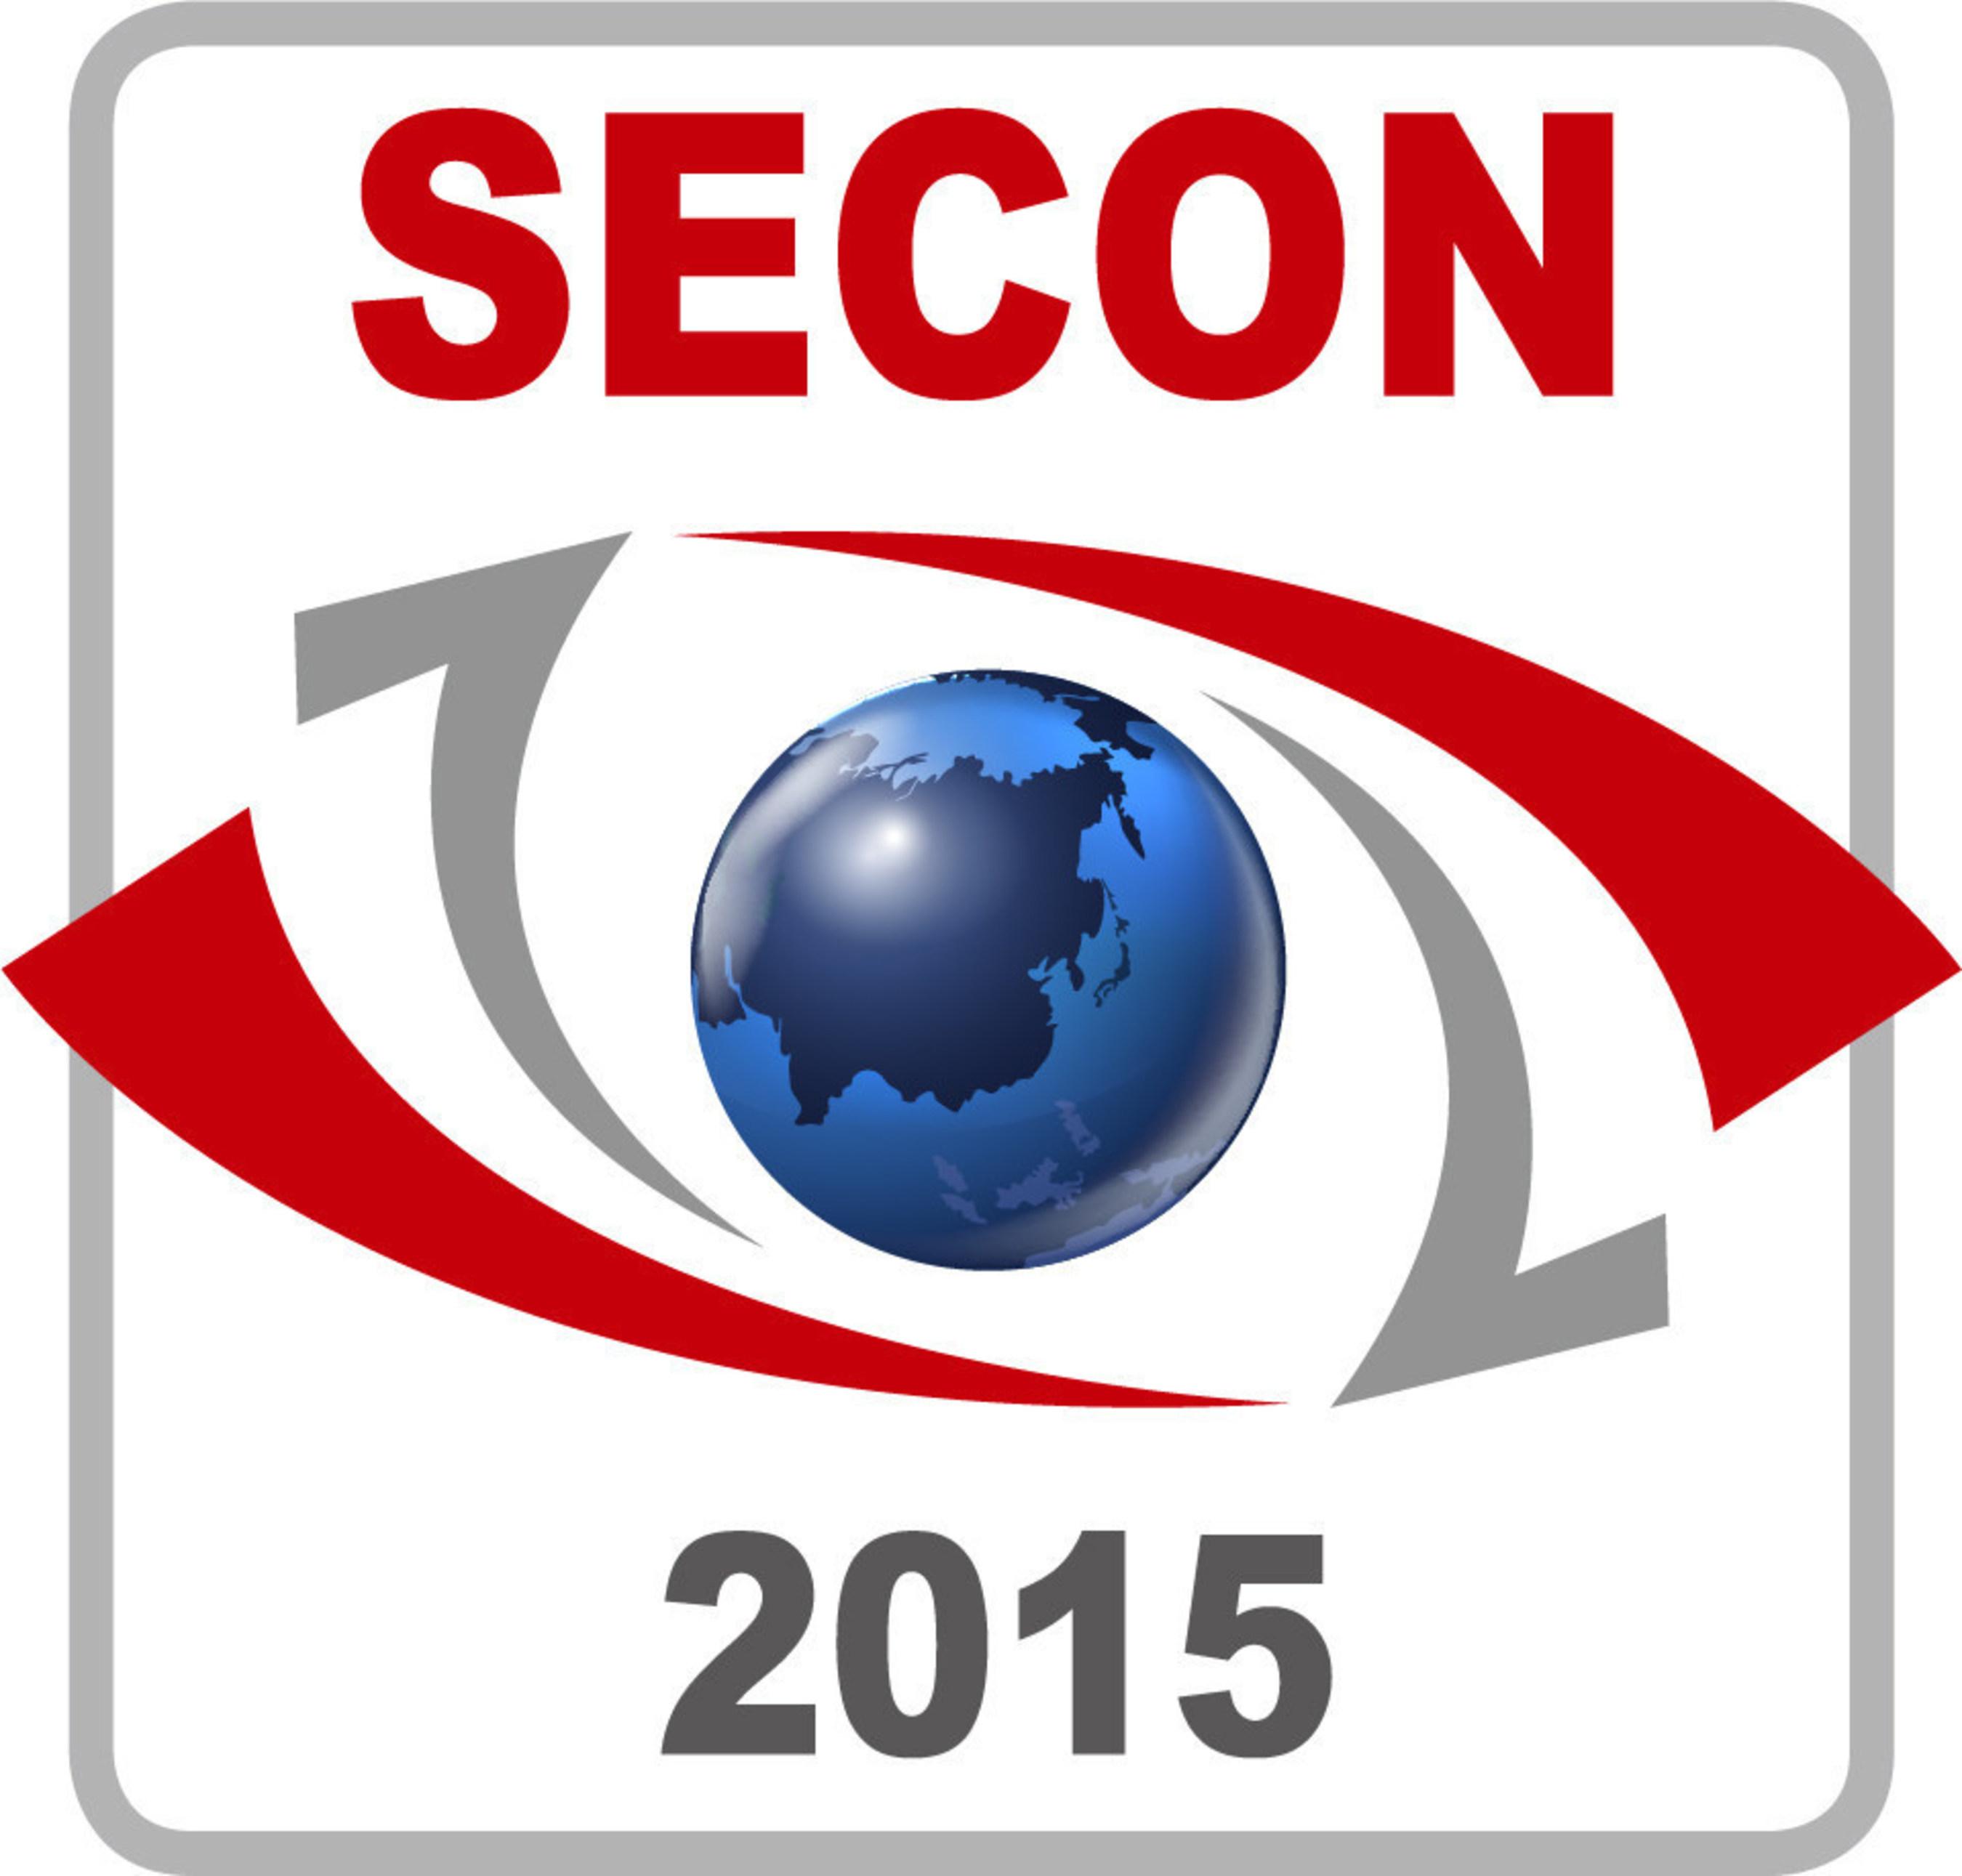 Le SECON 2015 se tiendra en mars 2015 à Ilsan, en Corée